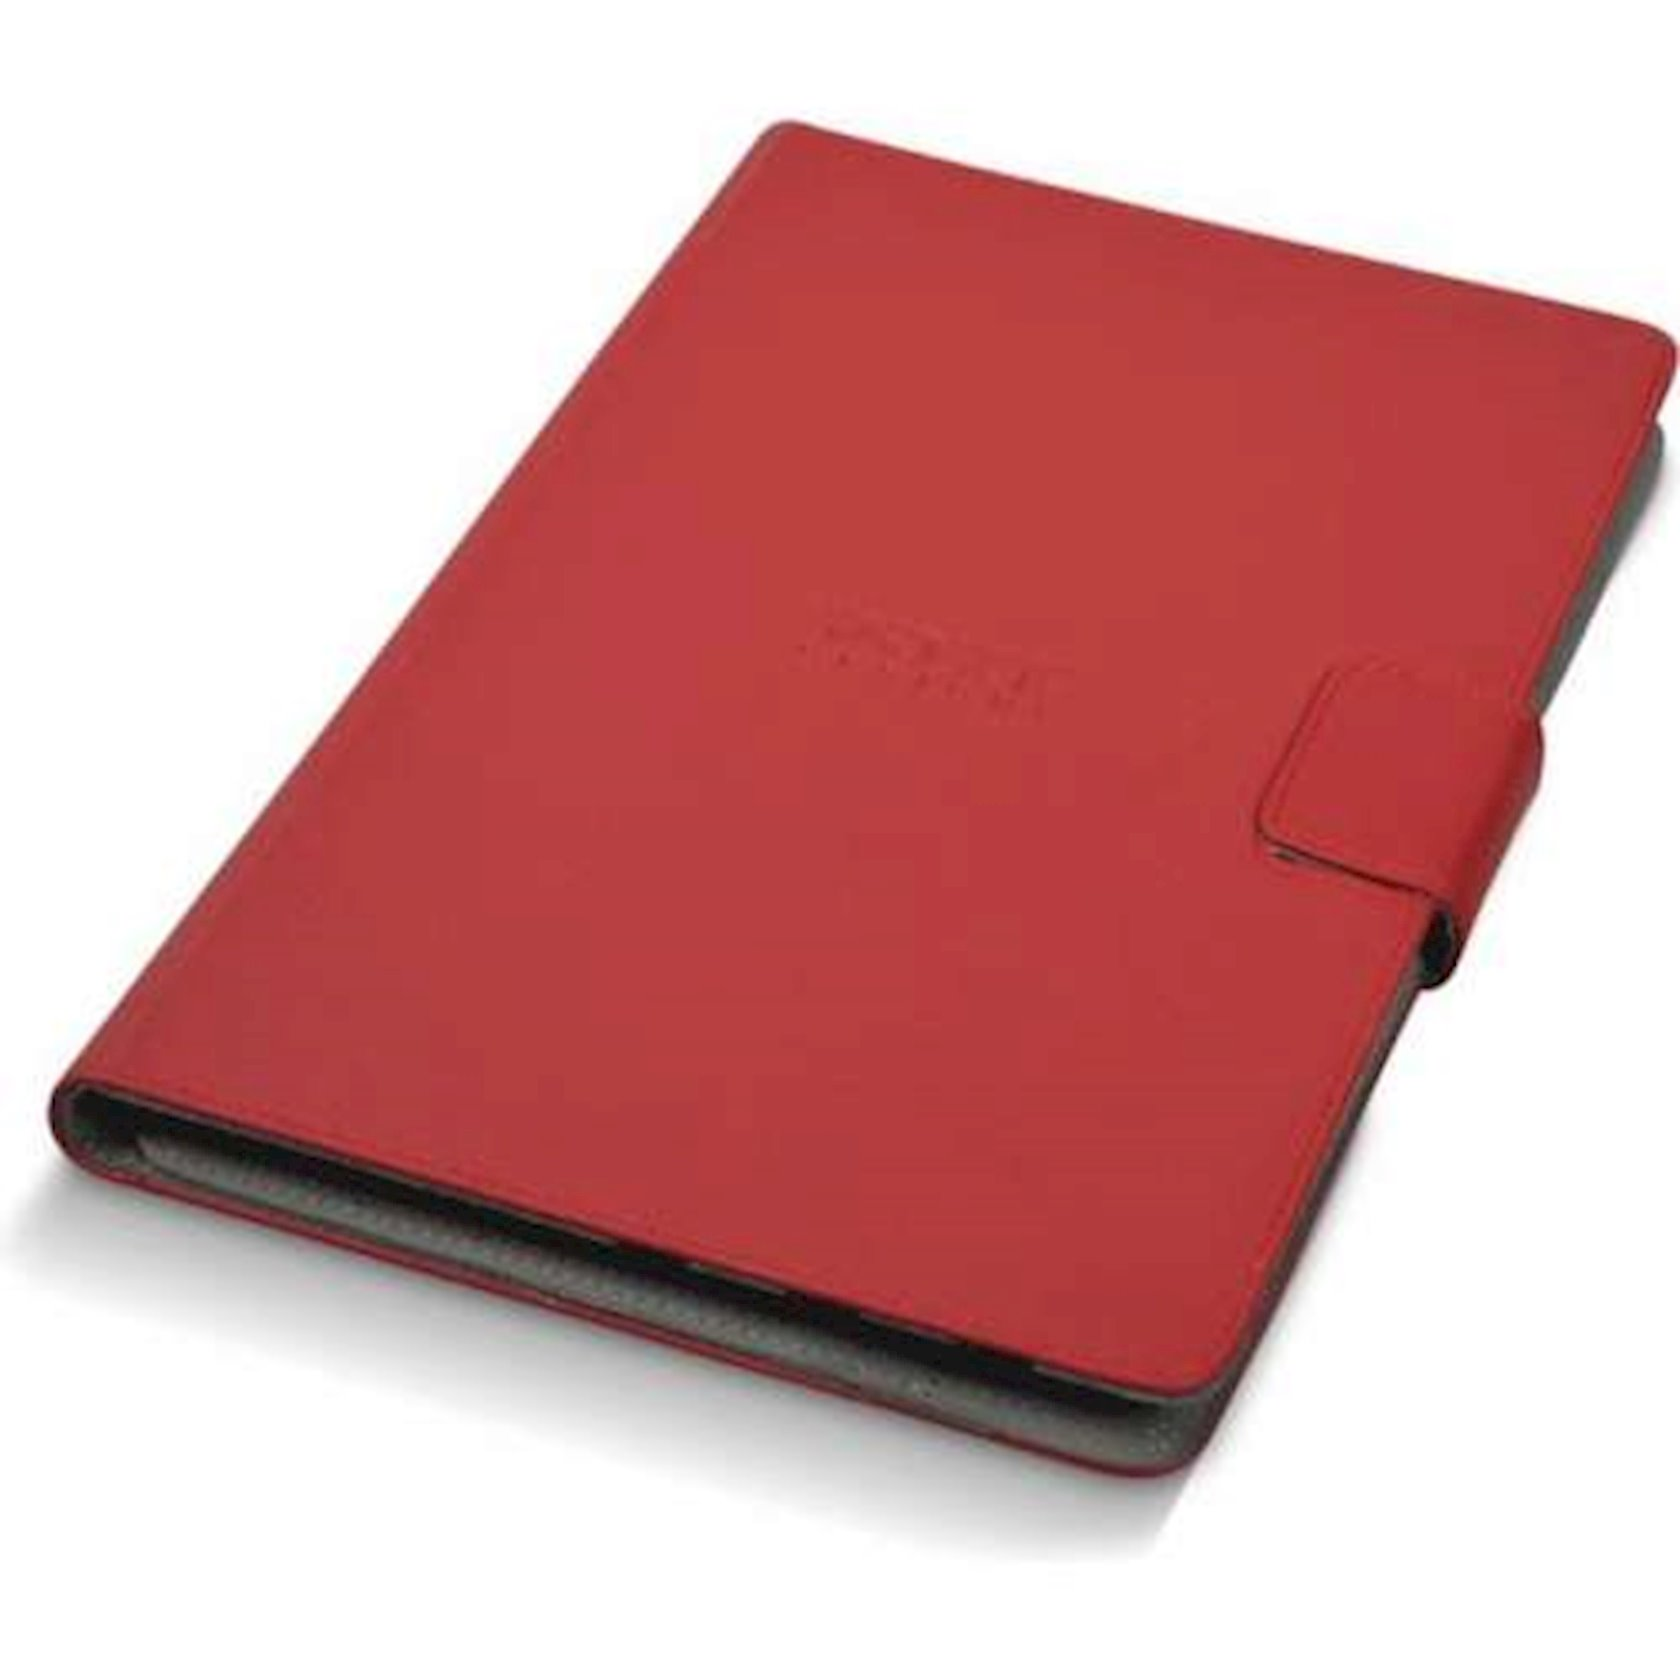 Planşet üçün çexol Port Designs Muskoka Universal 7 Qırmızı